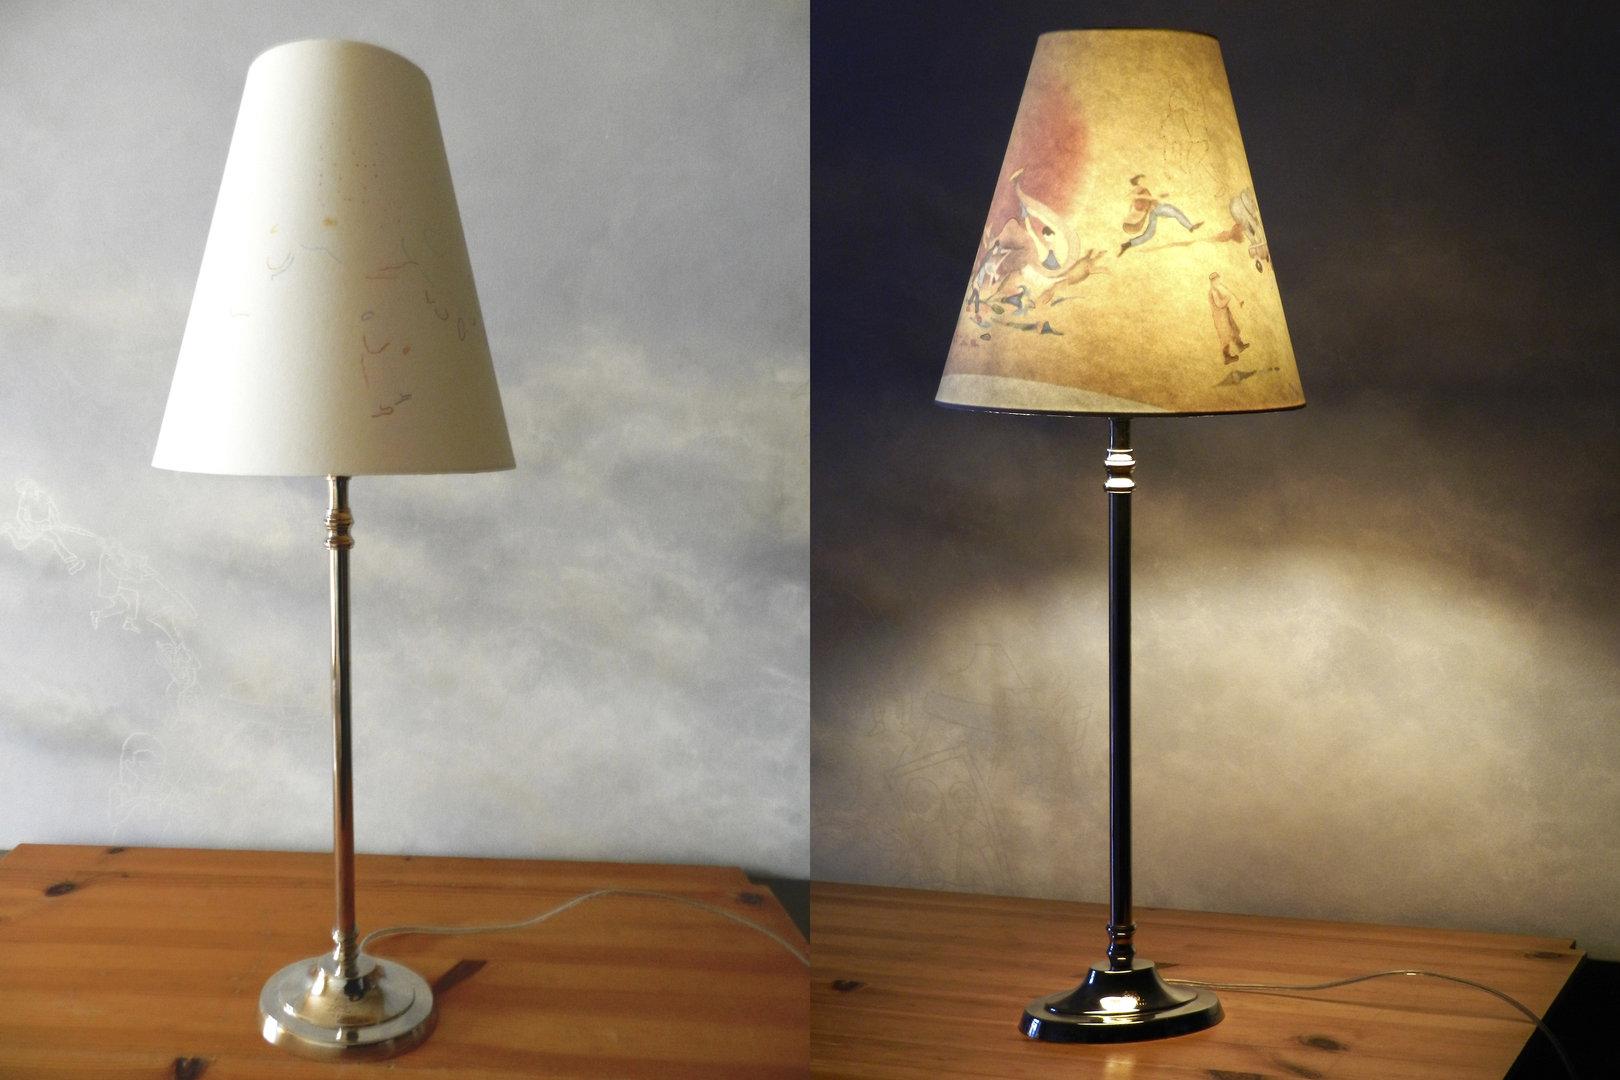 Lampen En Licht : Alles rund um lampen licht leuchten und lichtstrahler in